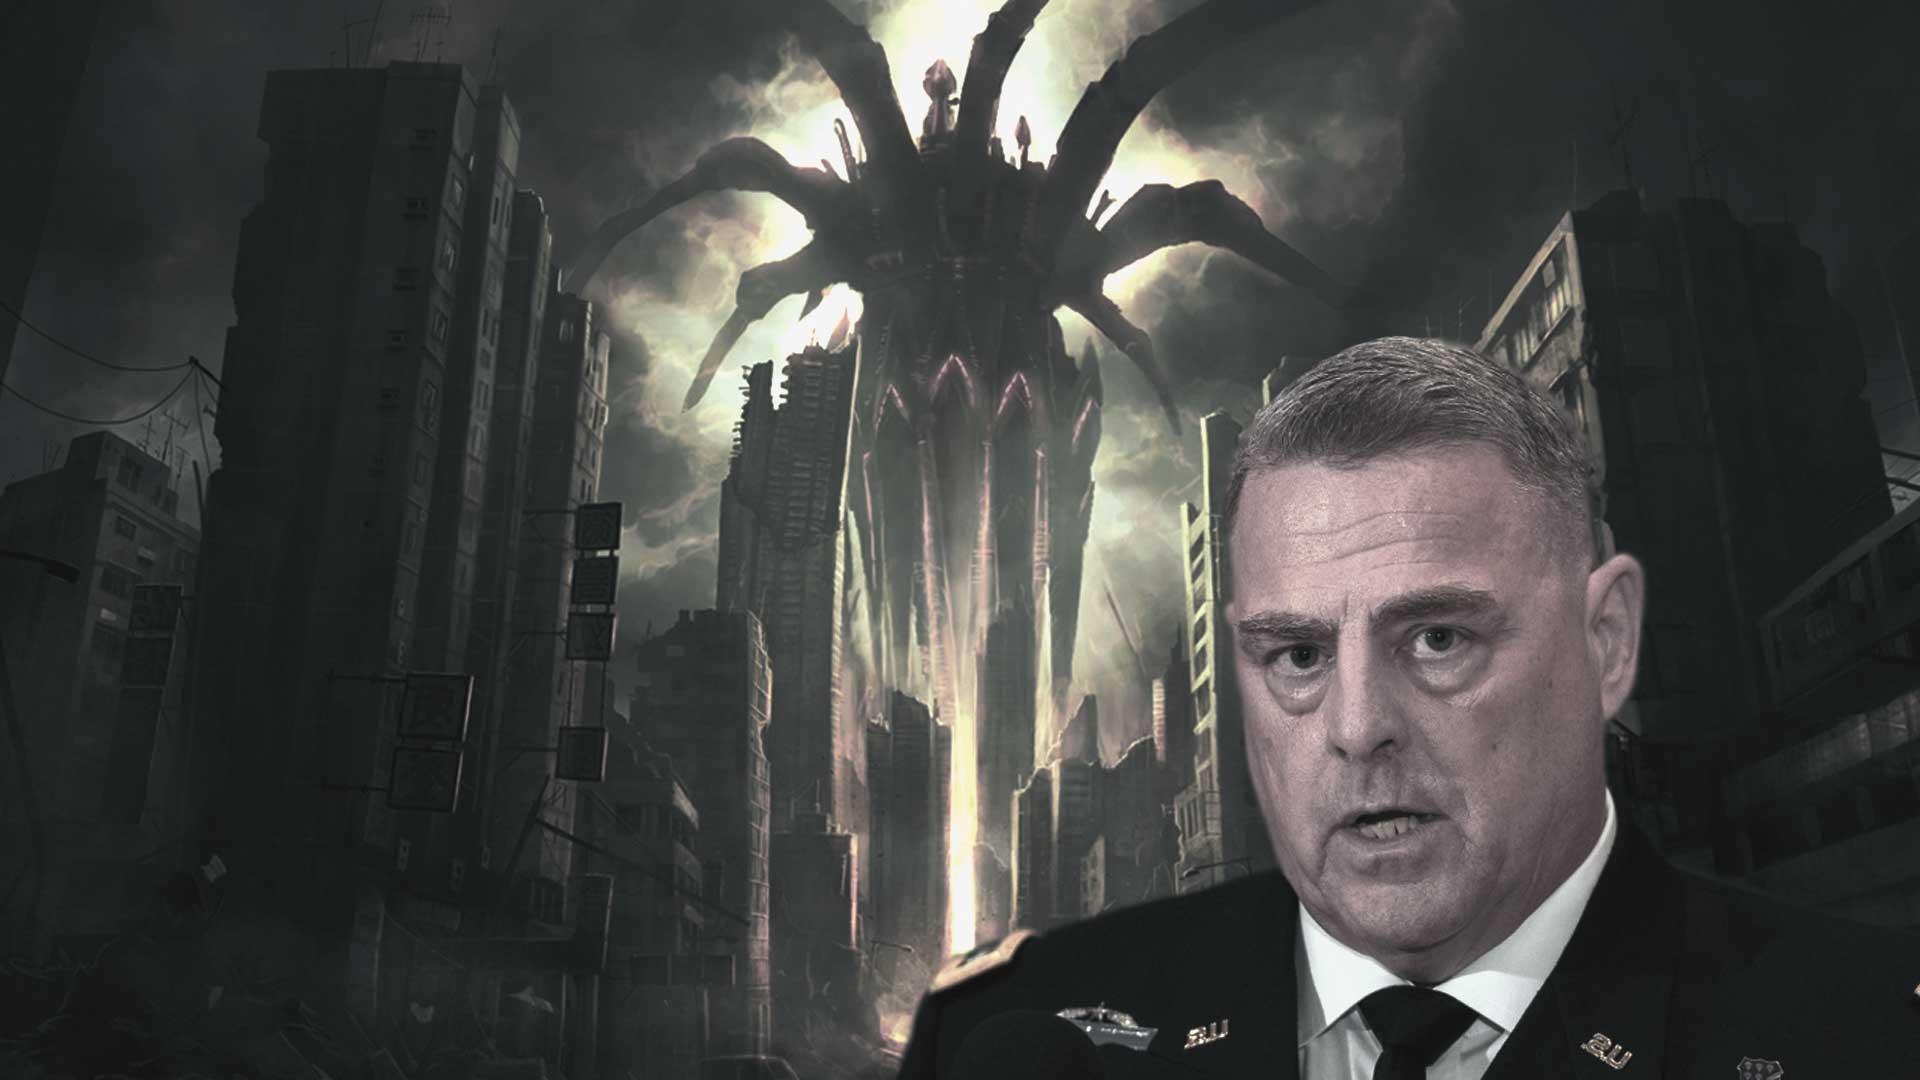 Este general de los EEUU tiene algo muy importante que decirles a los gobiernos sobre los extraterrestres